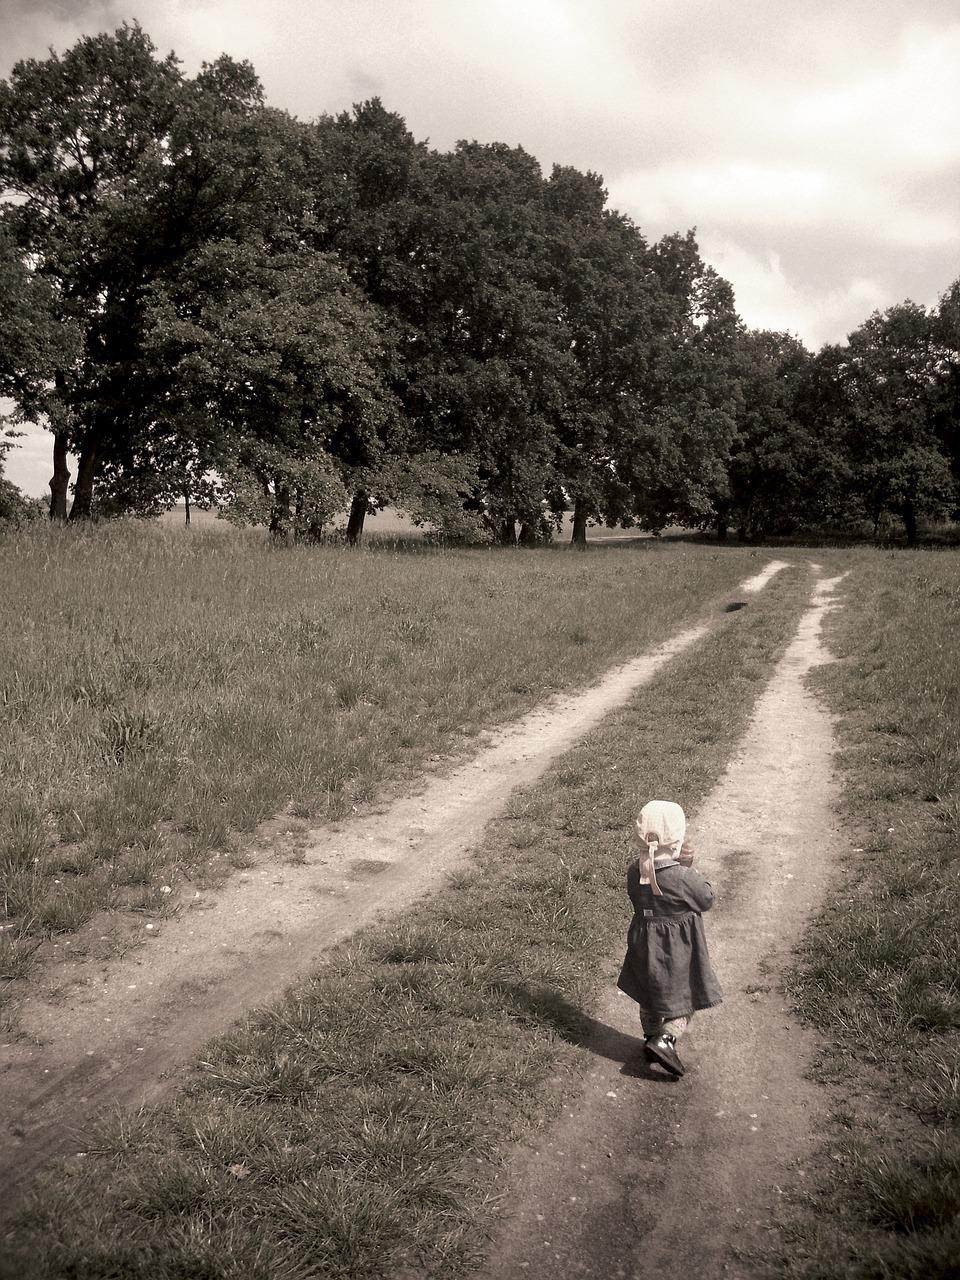 Mein Kind läuft ständig weg was kann ich dagegen tun?